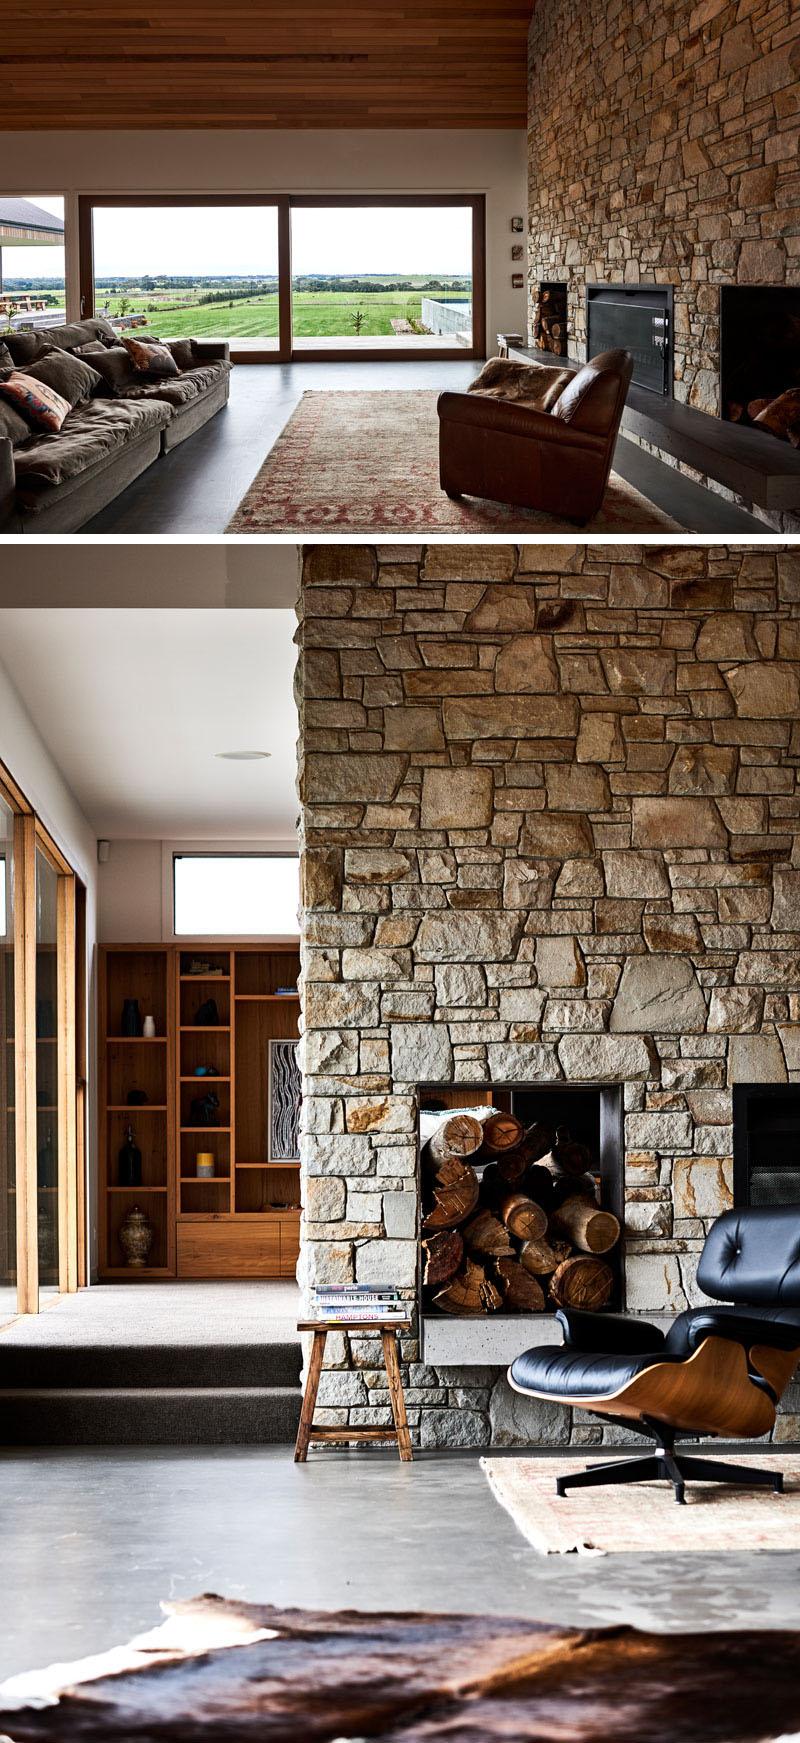 modern-stone-fireplace-with-firewood-storage-111017-1241-06 (1)